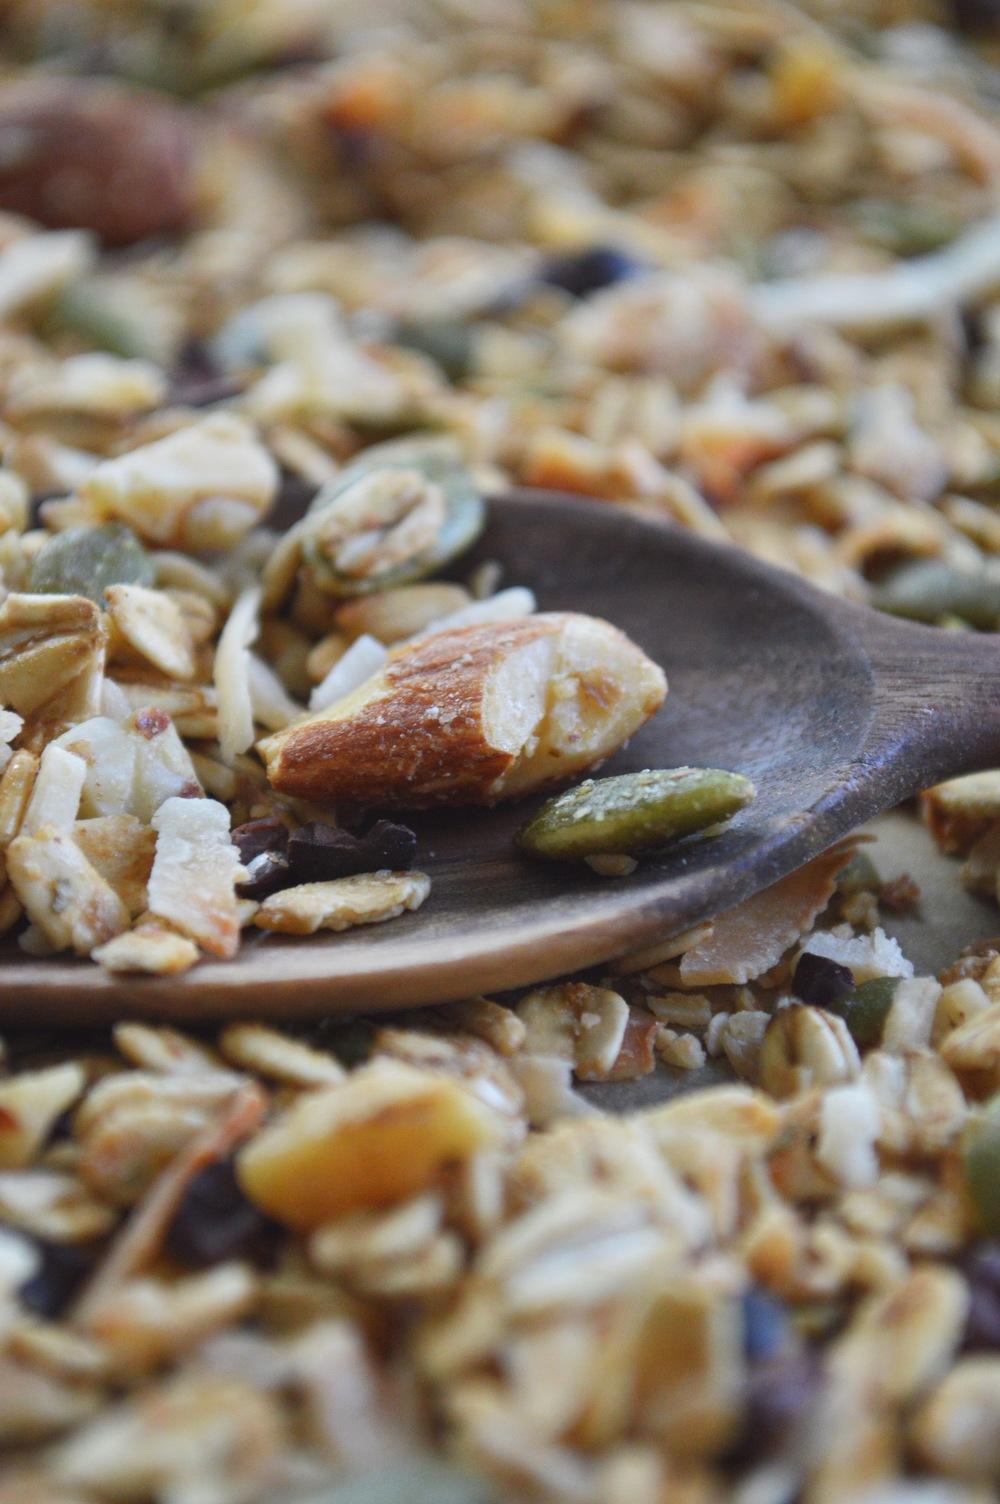 LaurenSchwaiger-Healthy-Lifestyle-Blog-Gluten-Free-Granola-Recipe.jpg